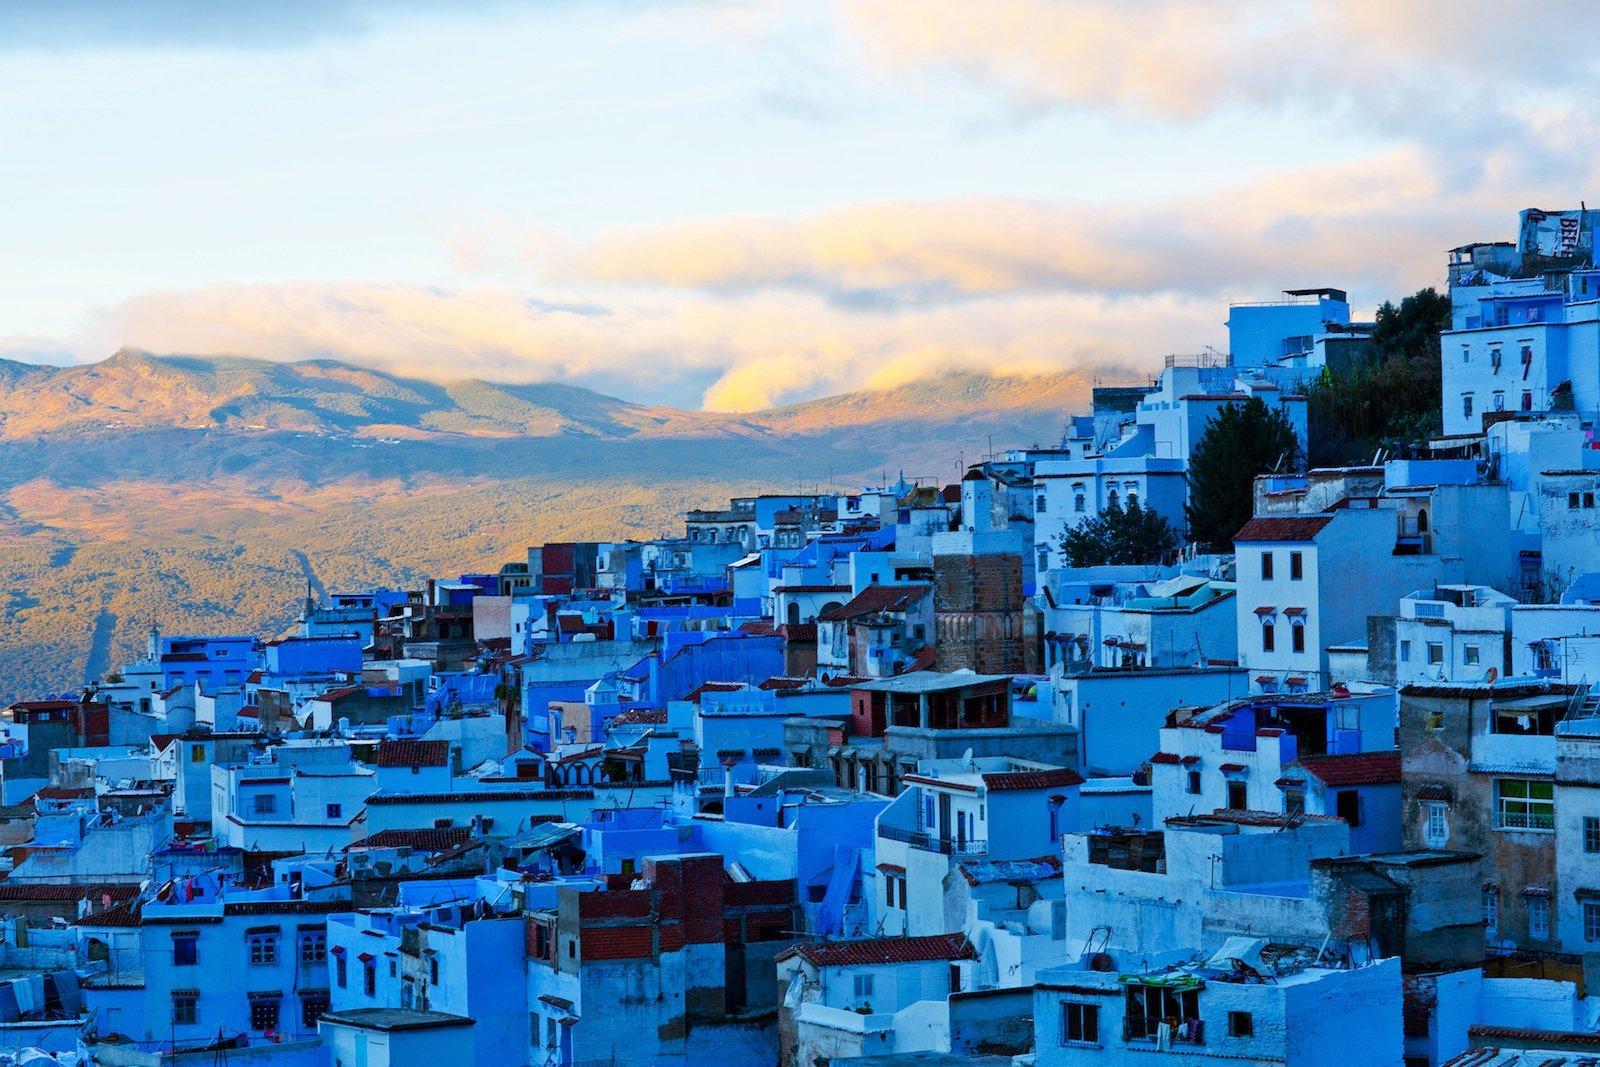 Голубой город Шефшауен, Марокко красивые места, мир, природа, путешествия, сказка